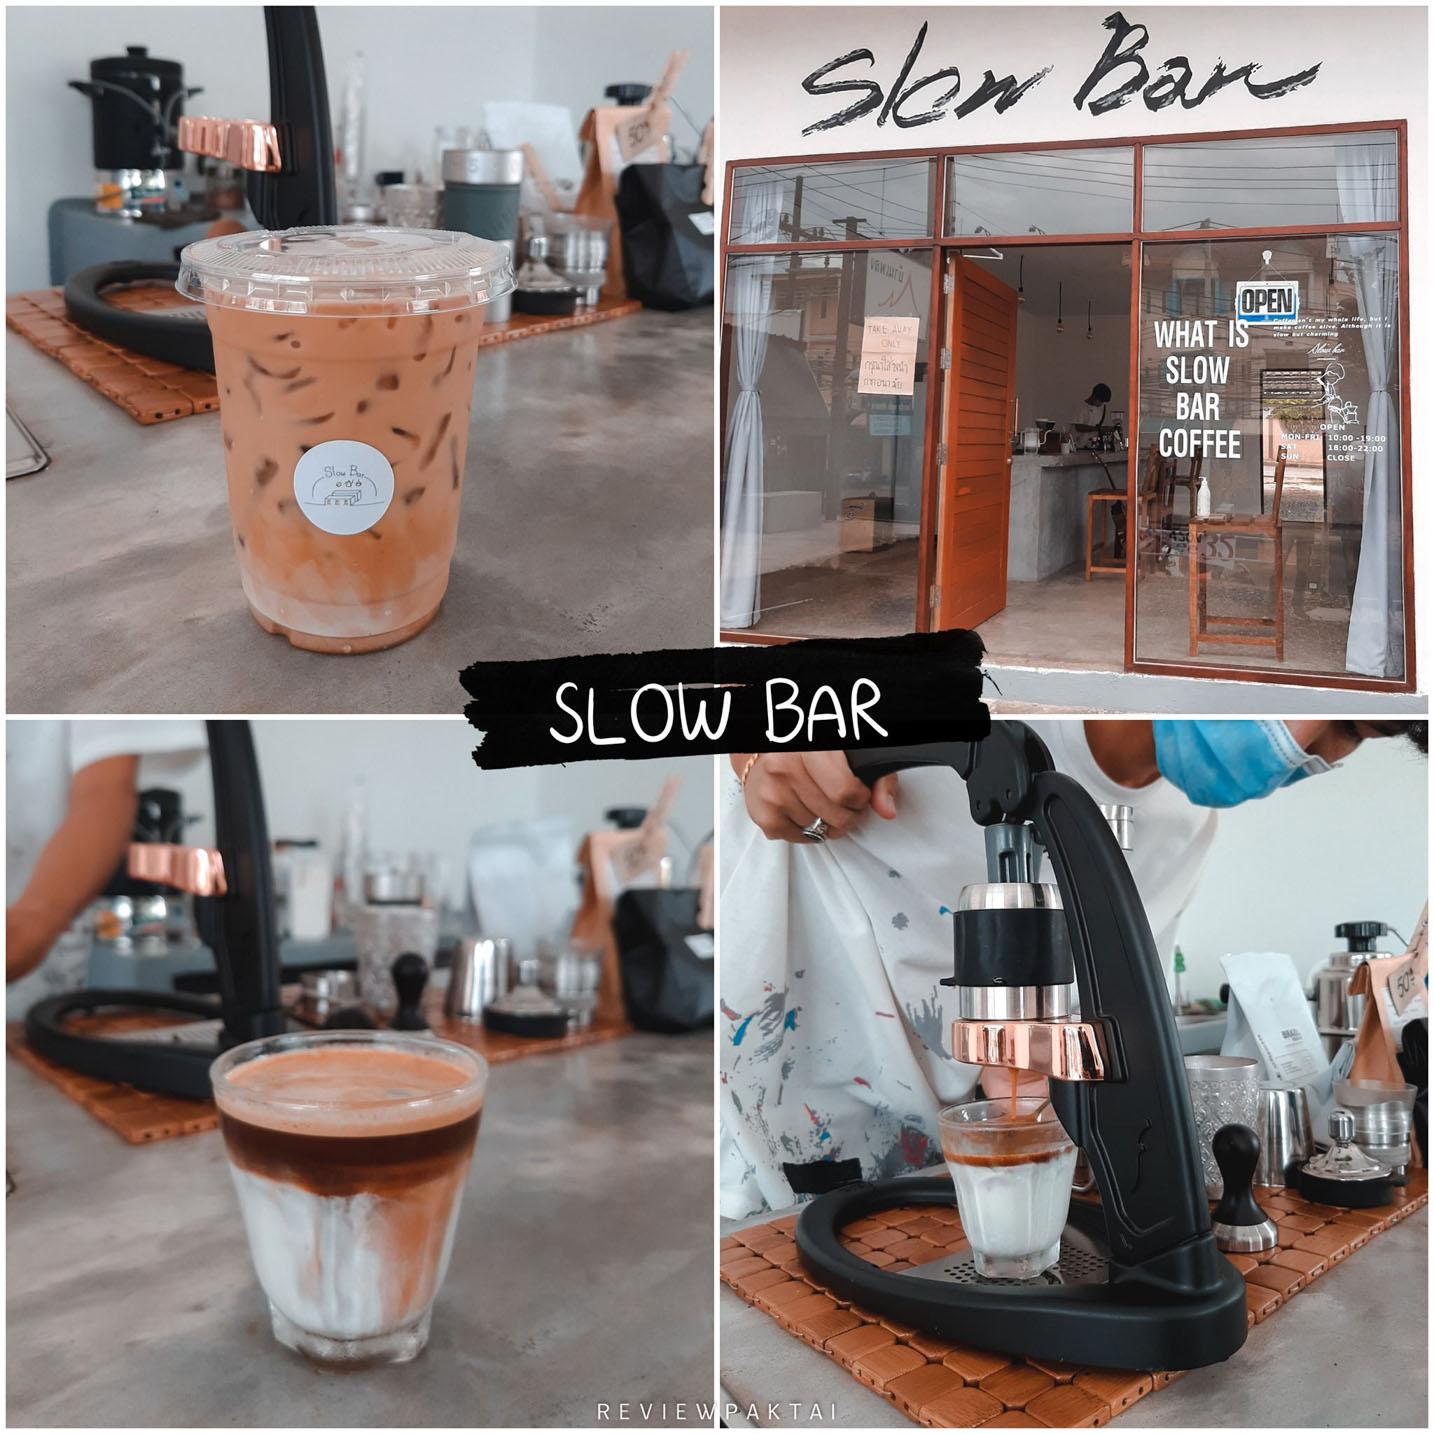 ร้าน เจอกัน-slow bar กาแฟรสชาติดี ร้านโทนสีขาวน่านั่งเย็นตา บรรยากาศร้านดีมวากกก 10/10